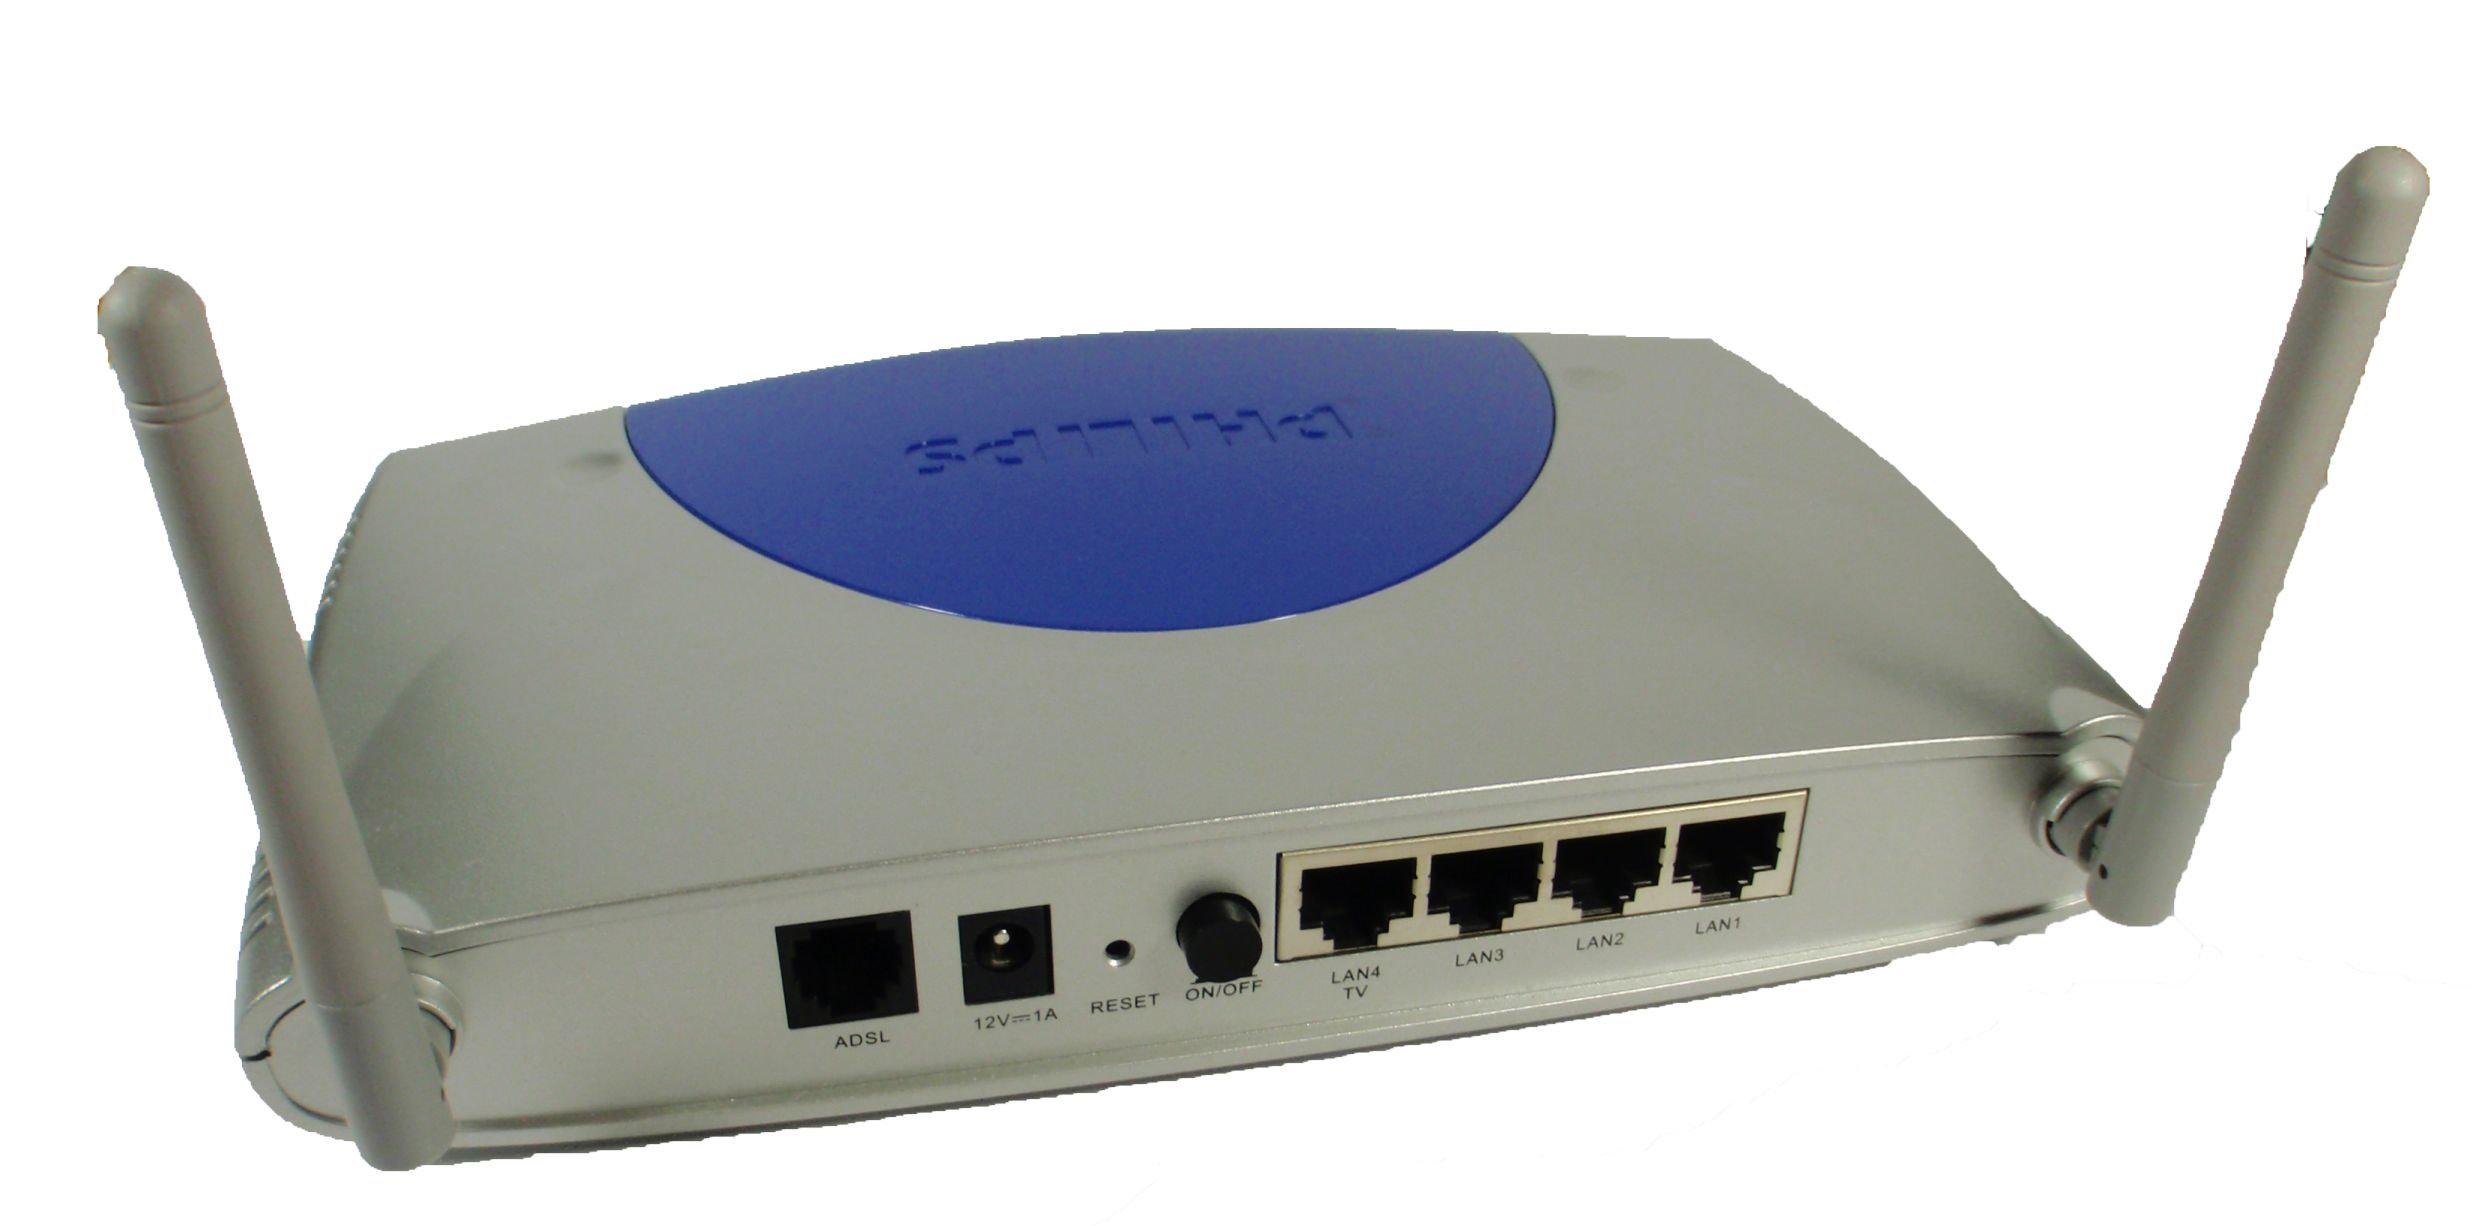 image Comment connaître son adresse IP